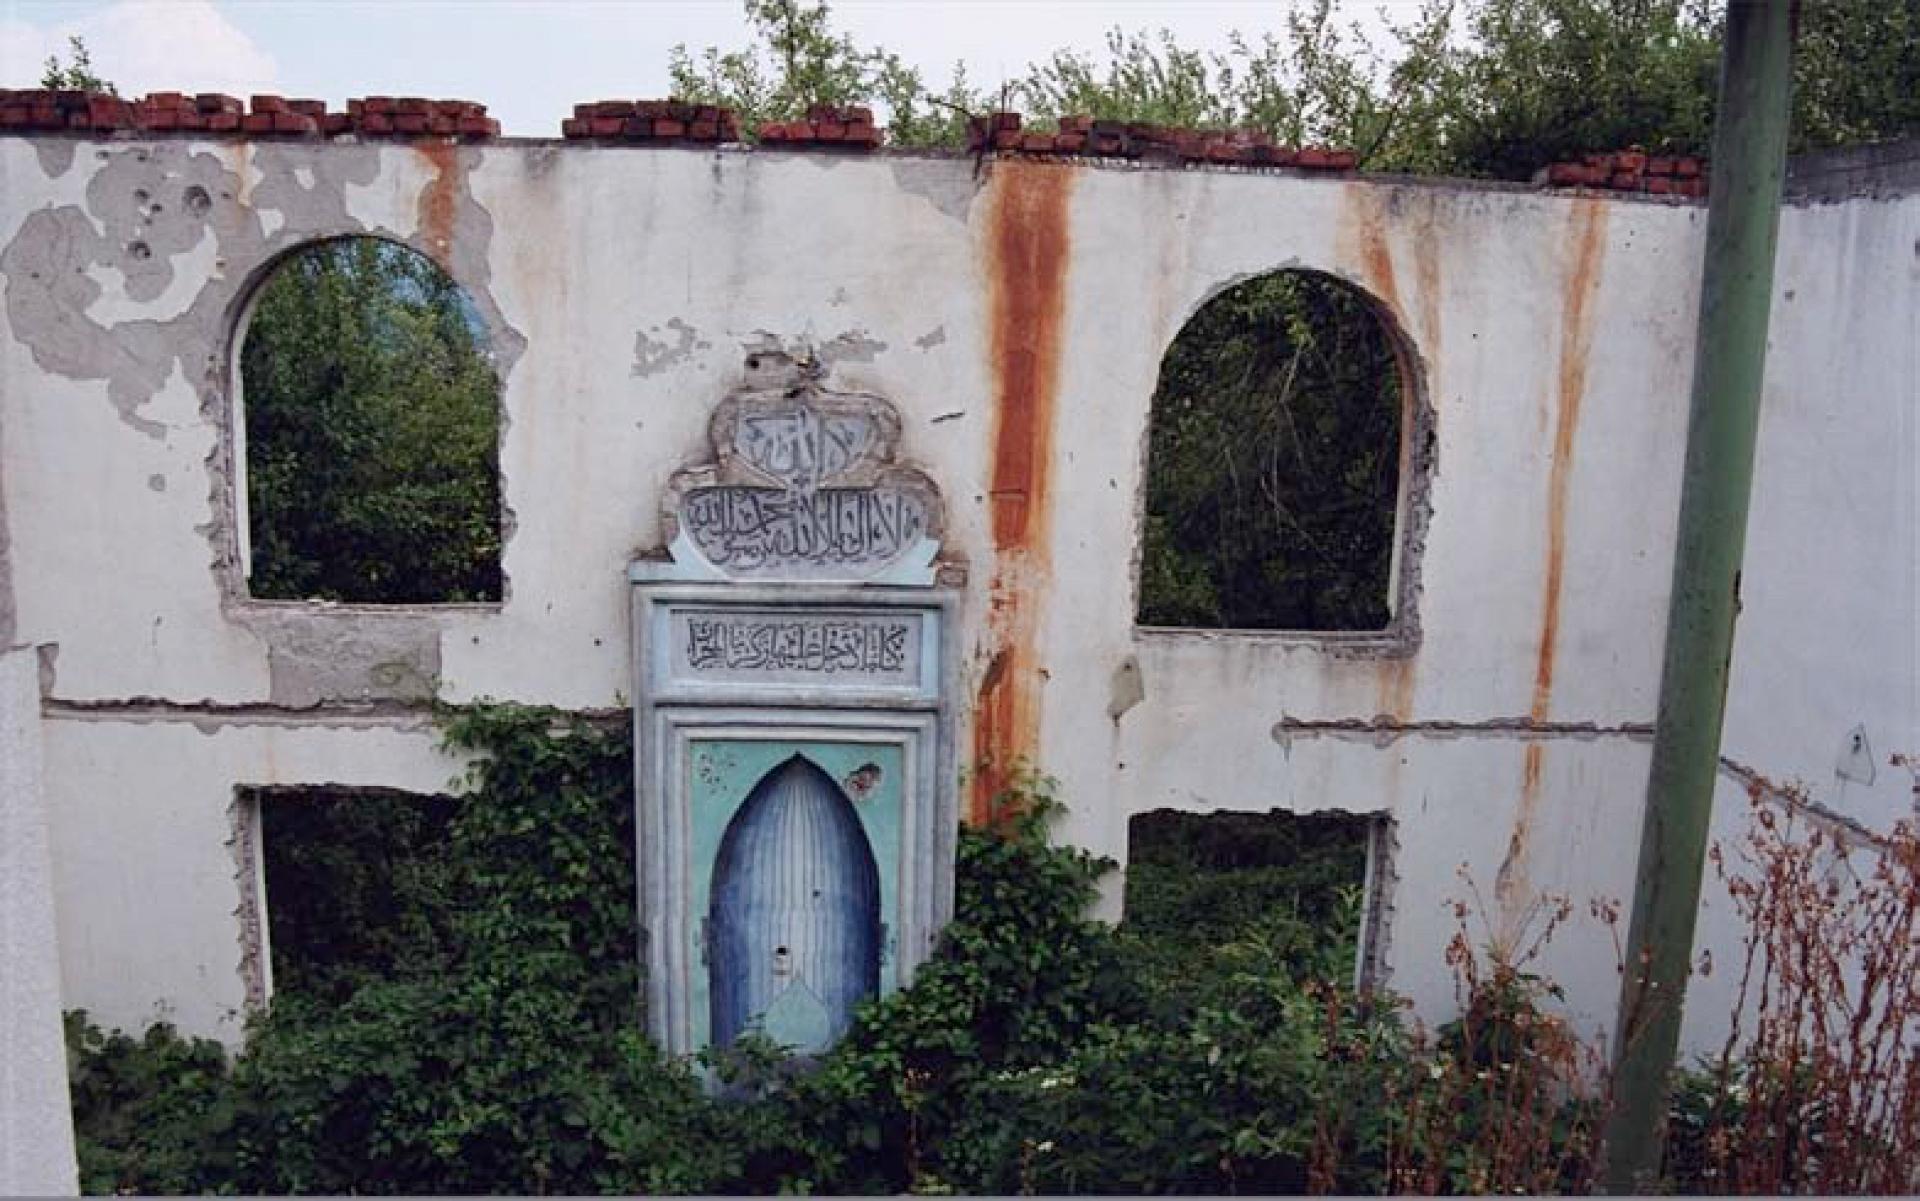 Zastara potraživanja odštete za porušene džamije pravno ili političko pitanje?